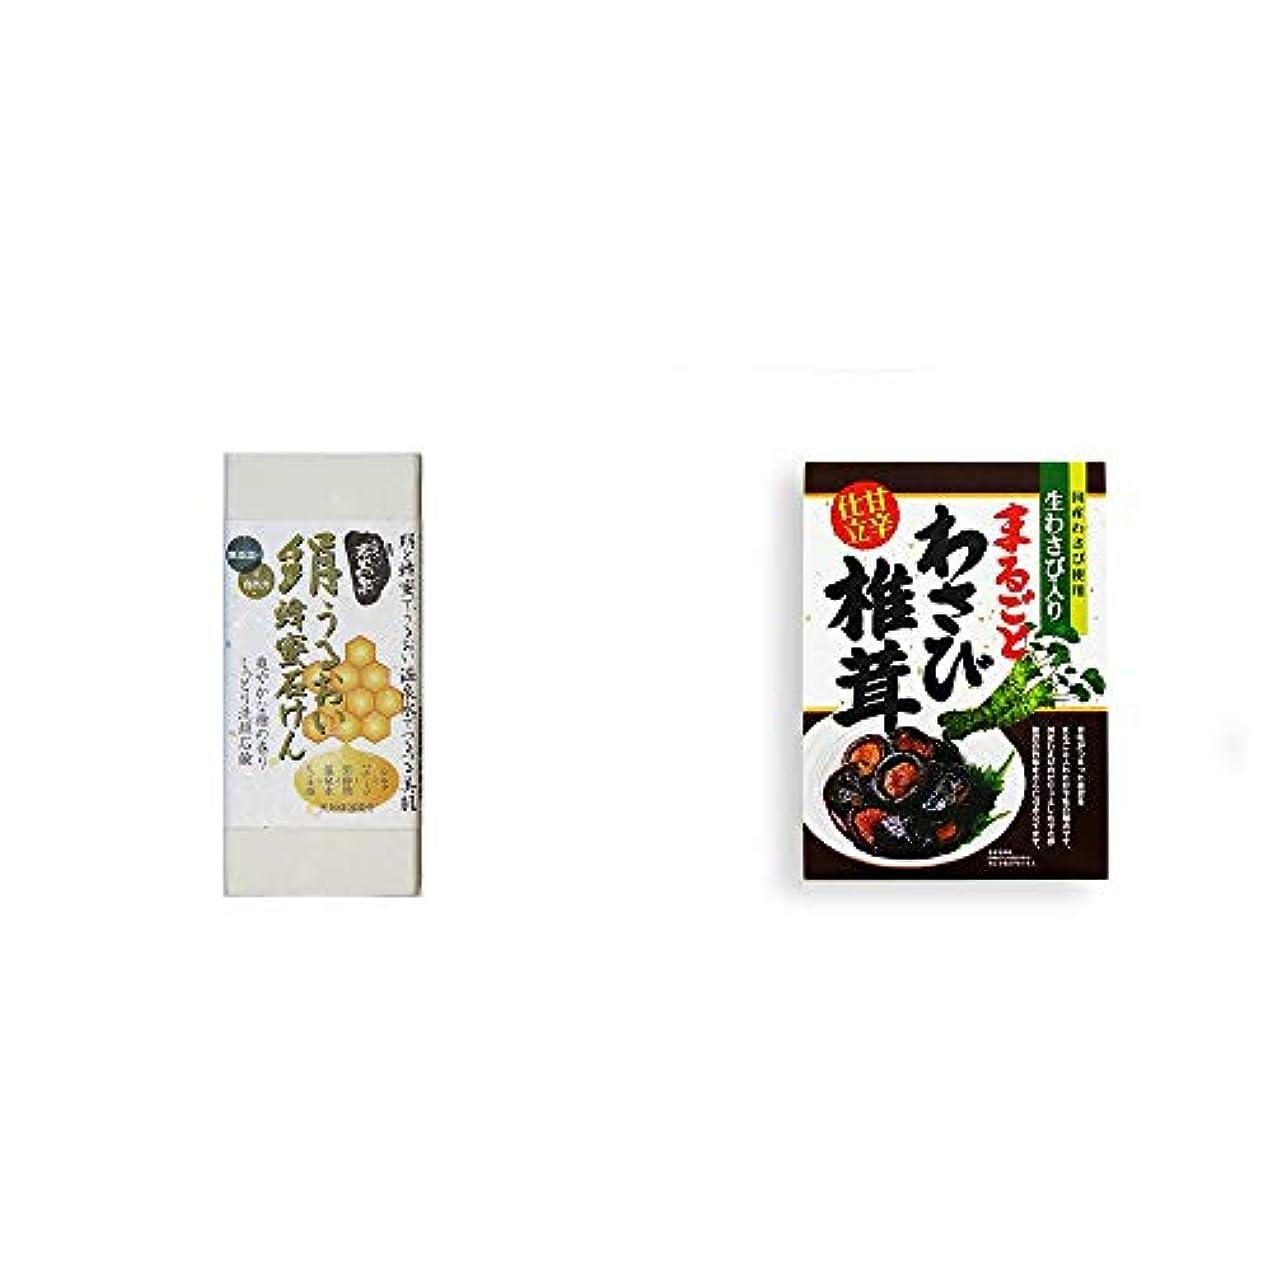 シルエットスポンサー解決する[2点セット] ひのき炭黒泉 絹うるおい蜂蜜石けん(75g×2)?まるごとわさび椎茸(200g)